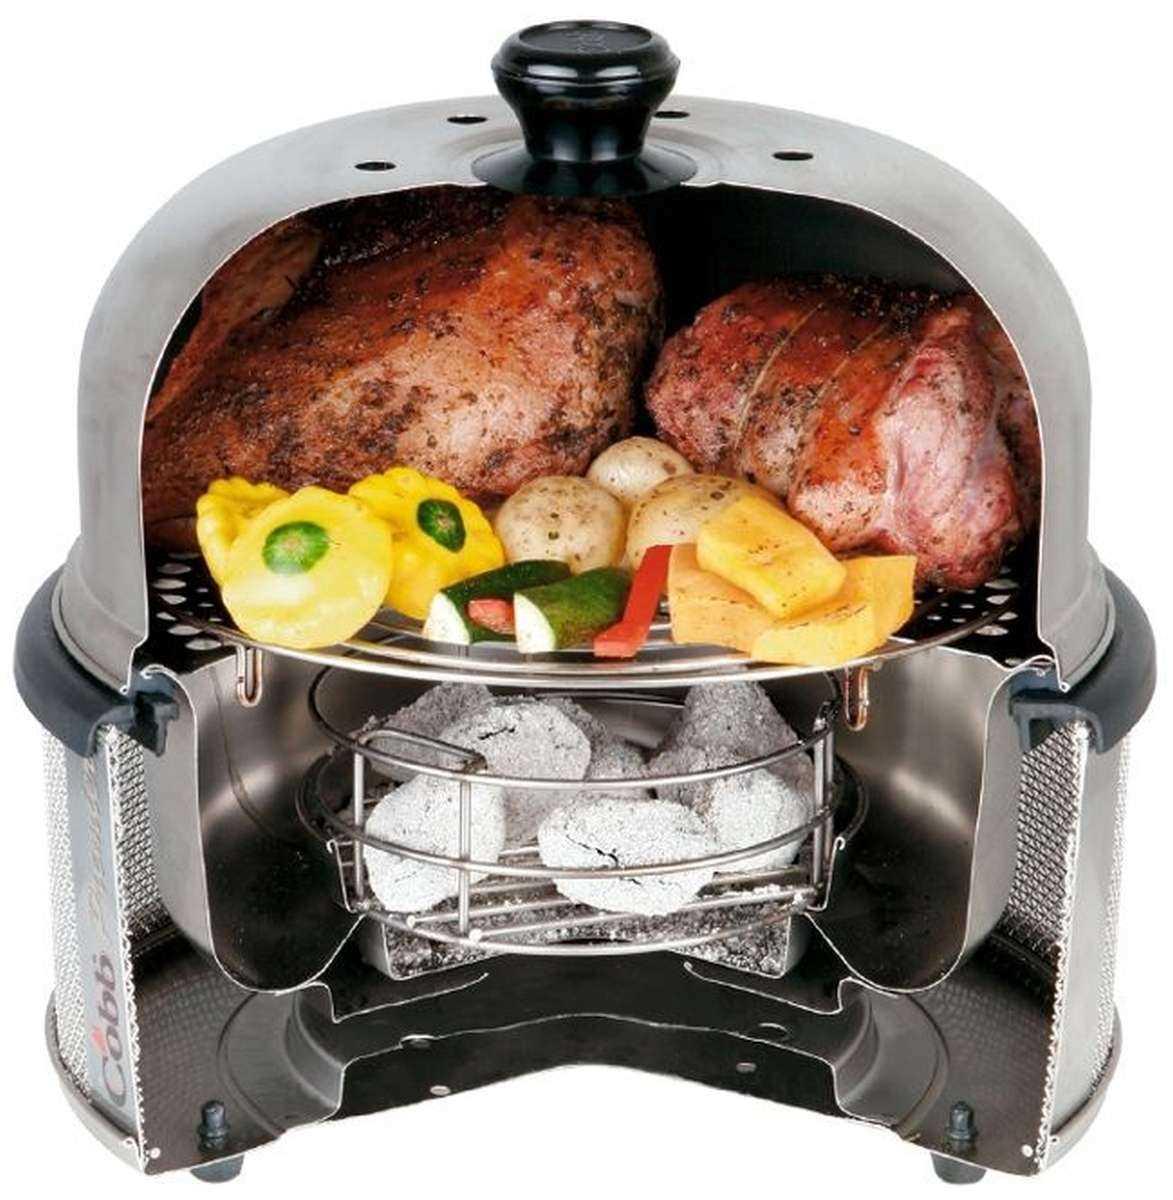 Der cobb grill premier zum grillen braten backen kochen for Mikrowelle zum backen und grillen